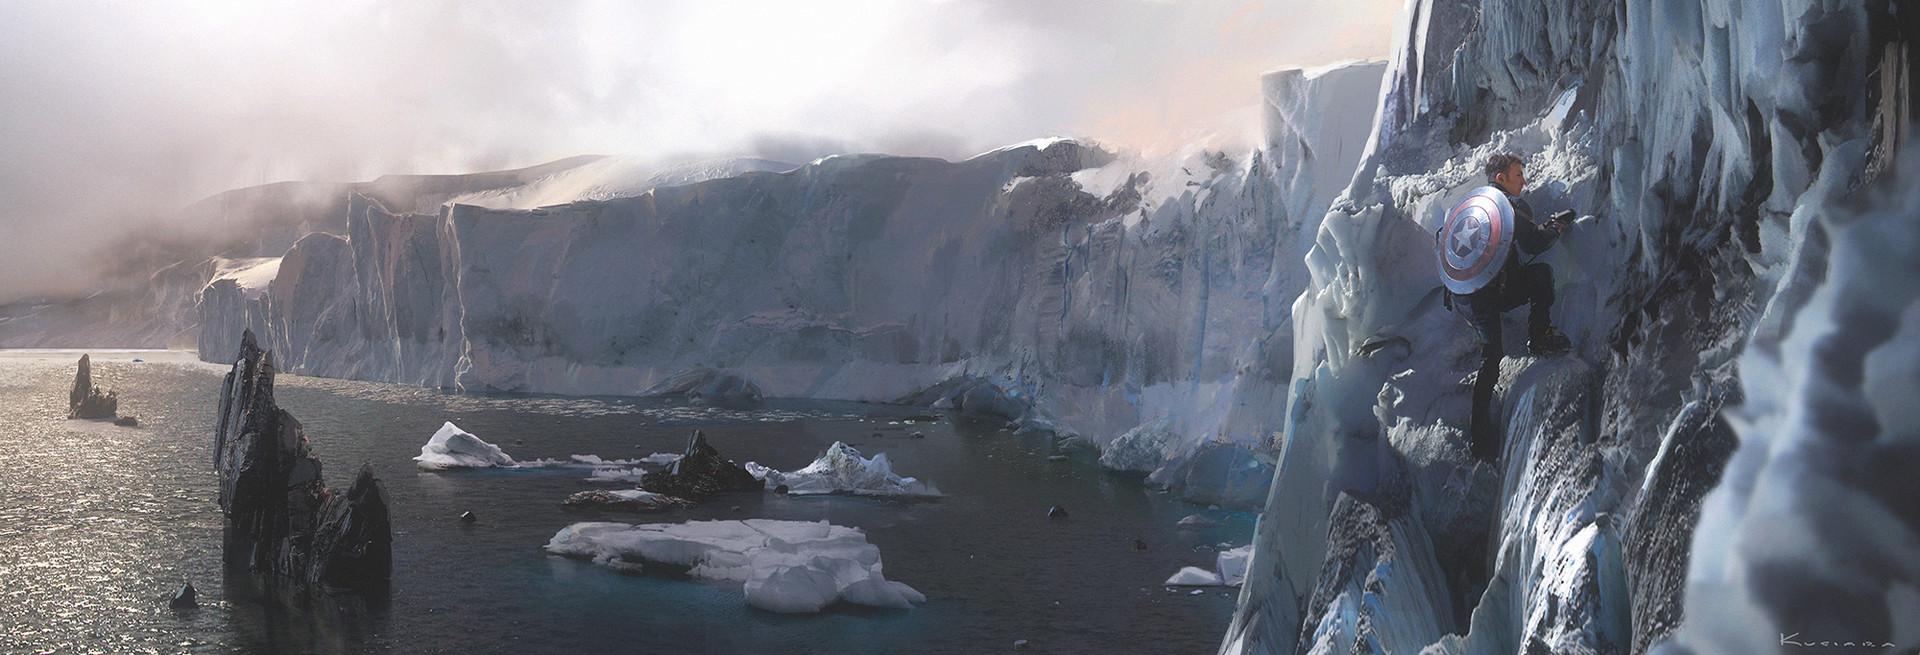 Maciej kuciara sputnik ext hydra facility cliff v01 mk 100614